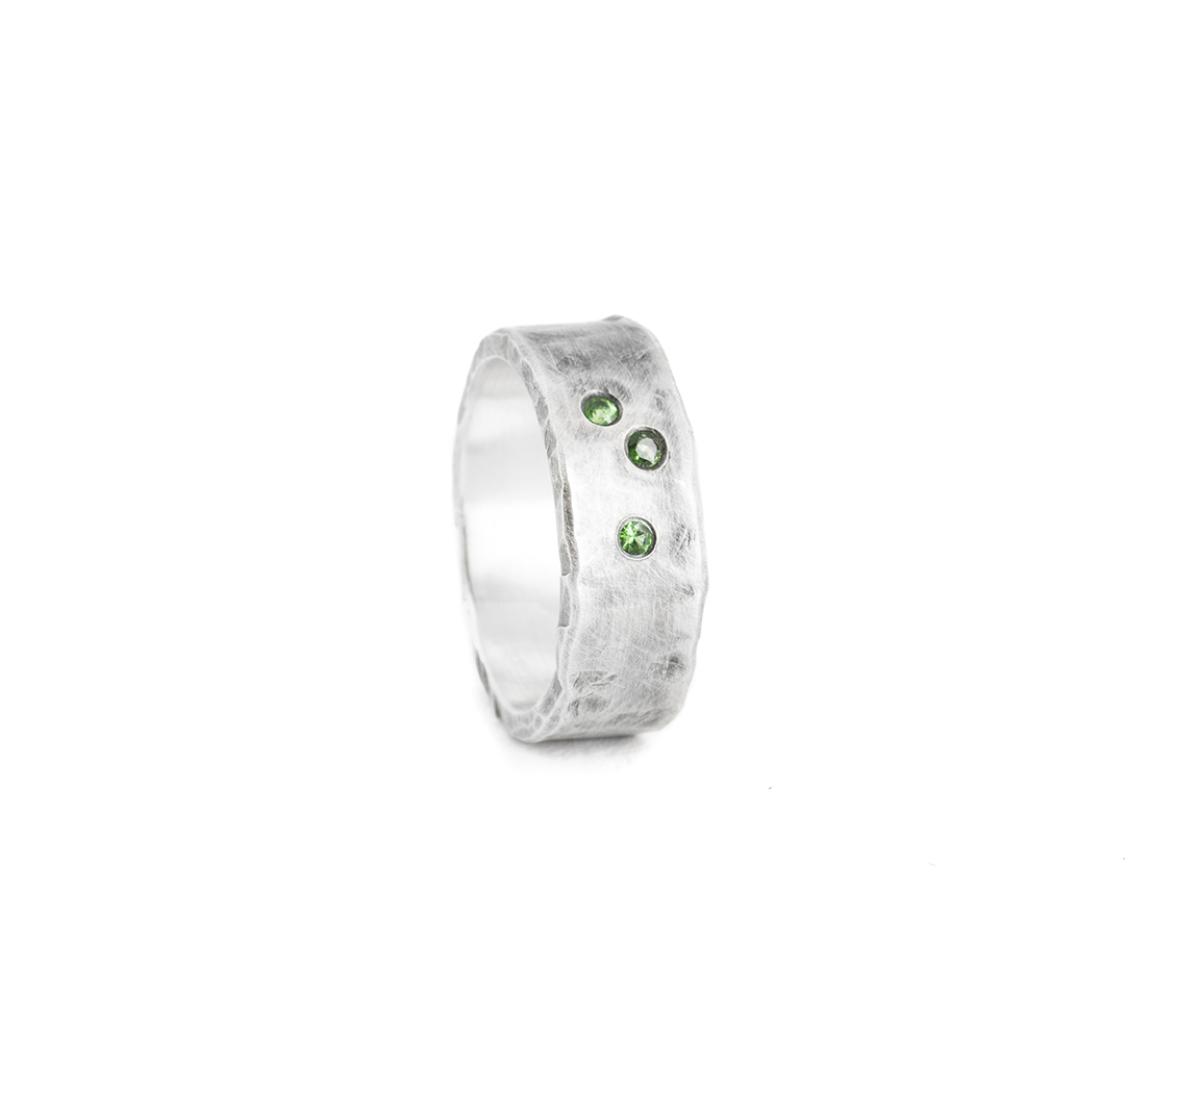 Herrenring aus nachhaltigem Silber mit grünen Tsavoriten (grüner Granat)